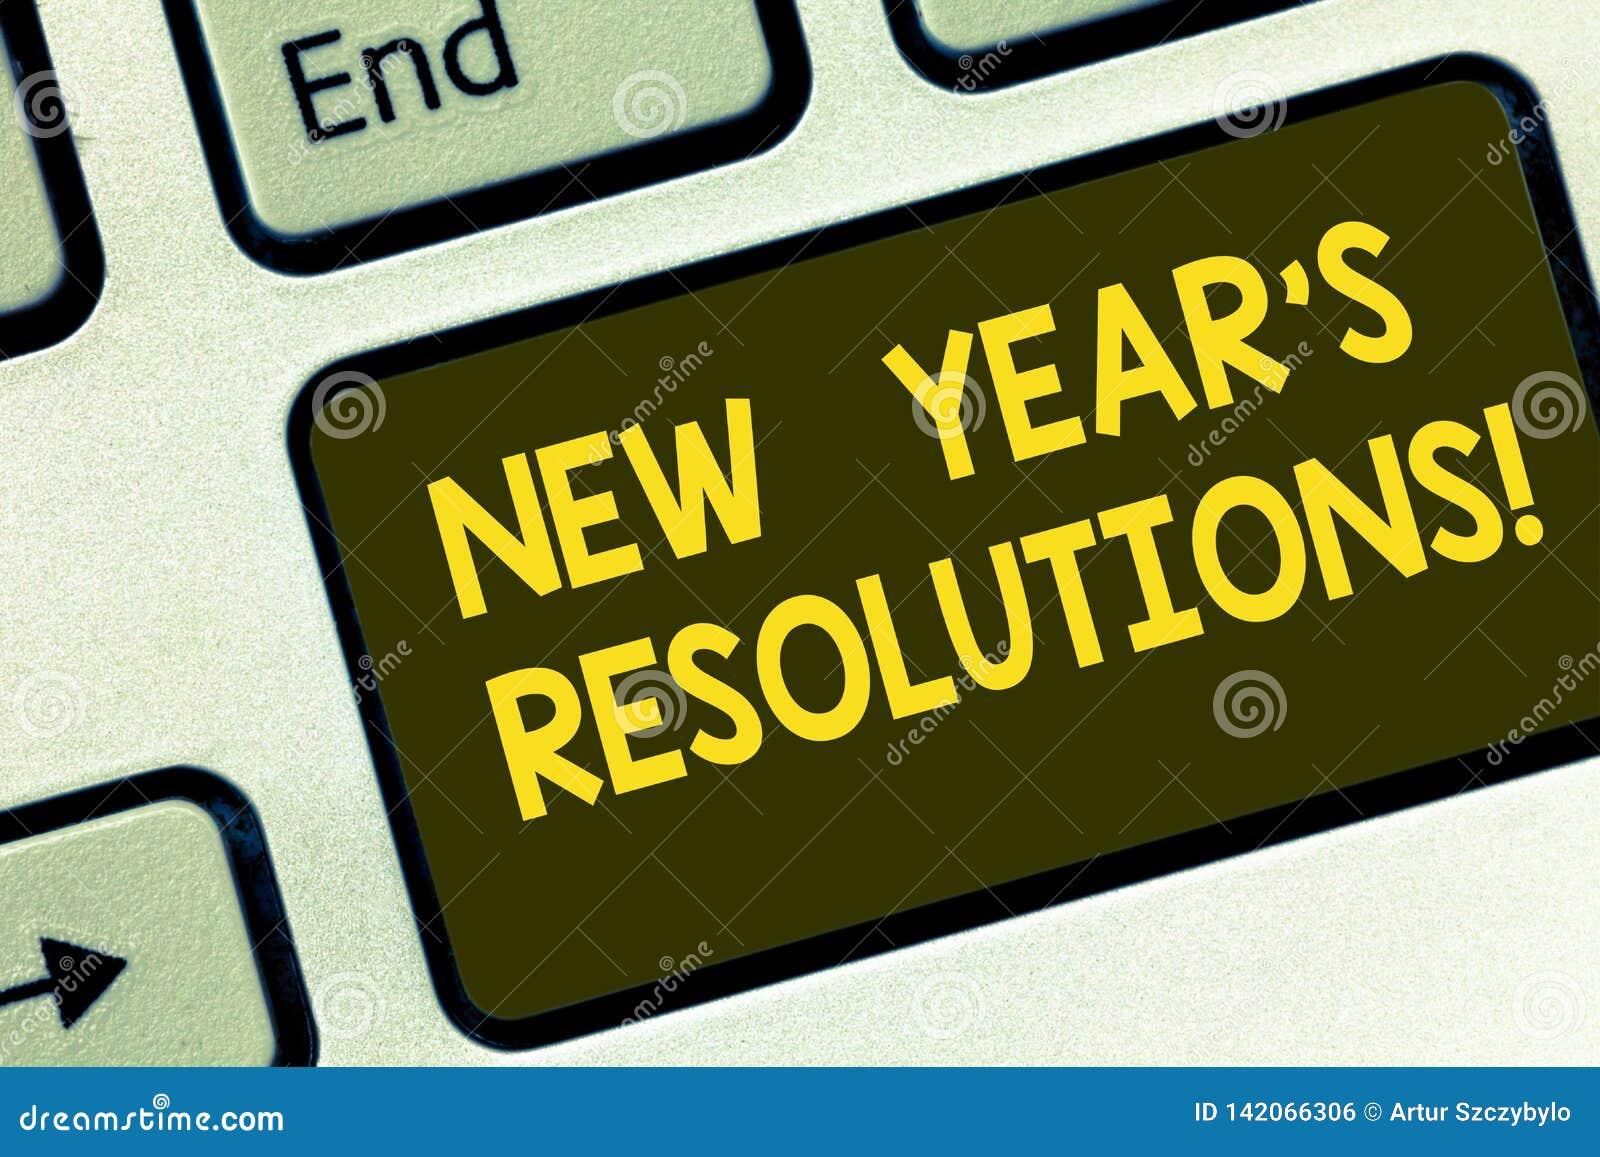 Textzeichen, das Beschlüsse des neuen Jahr-S zeigt Begriffsfoto Ziel-Ziele visiert Entscheidungen für die als nächstes 365 Tagtas